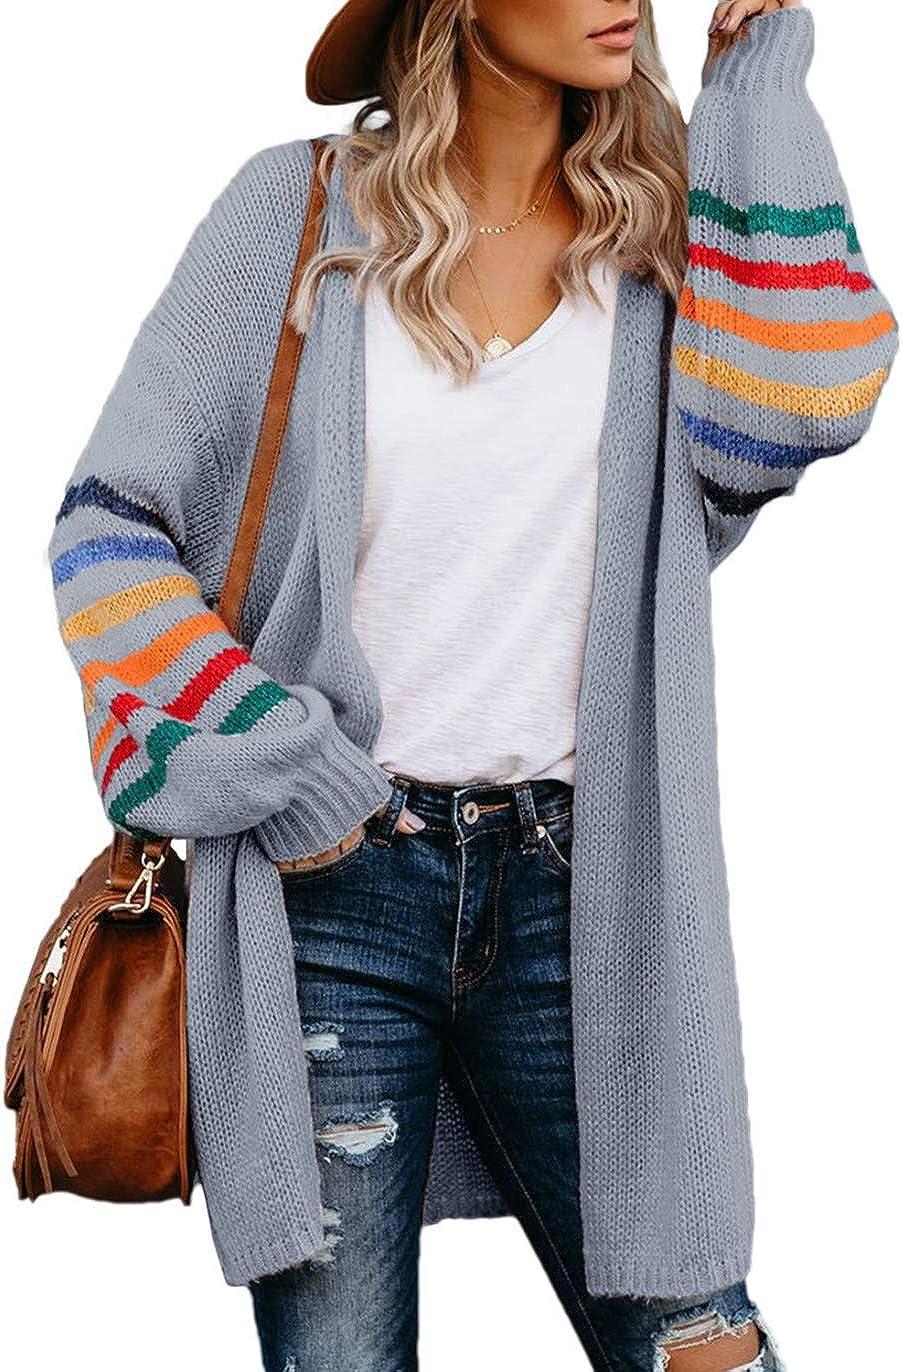 HUUSA Women's Long Open Front Cardigans Striped Loose Knit Sweaters Outwear Coat